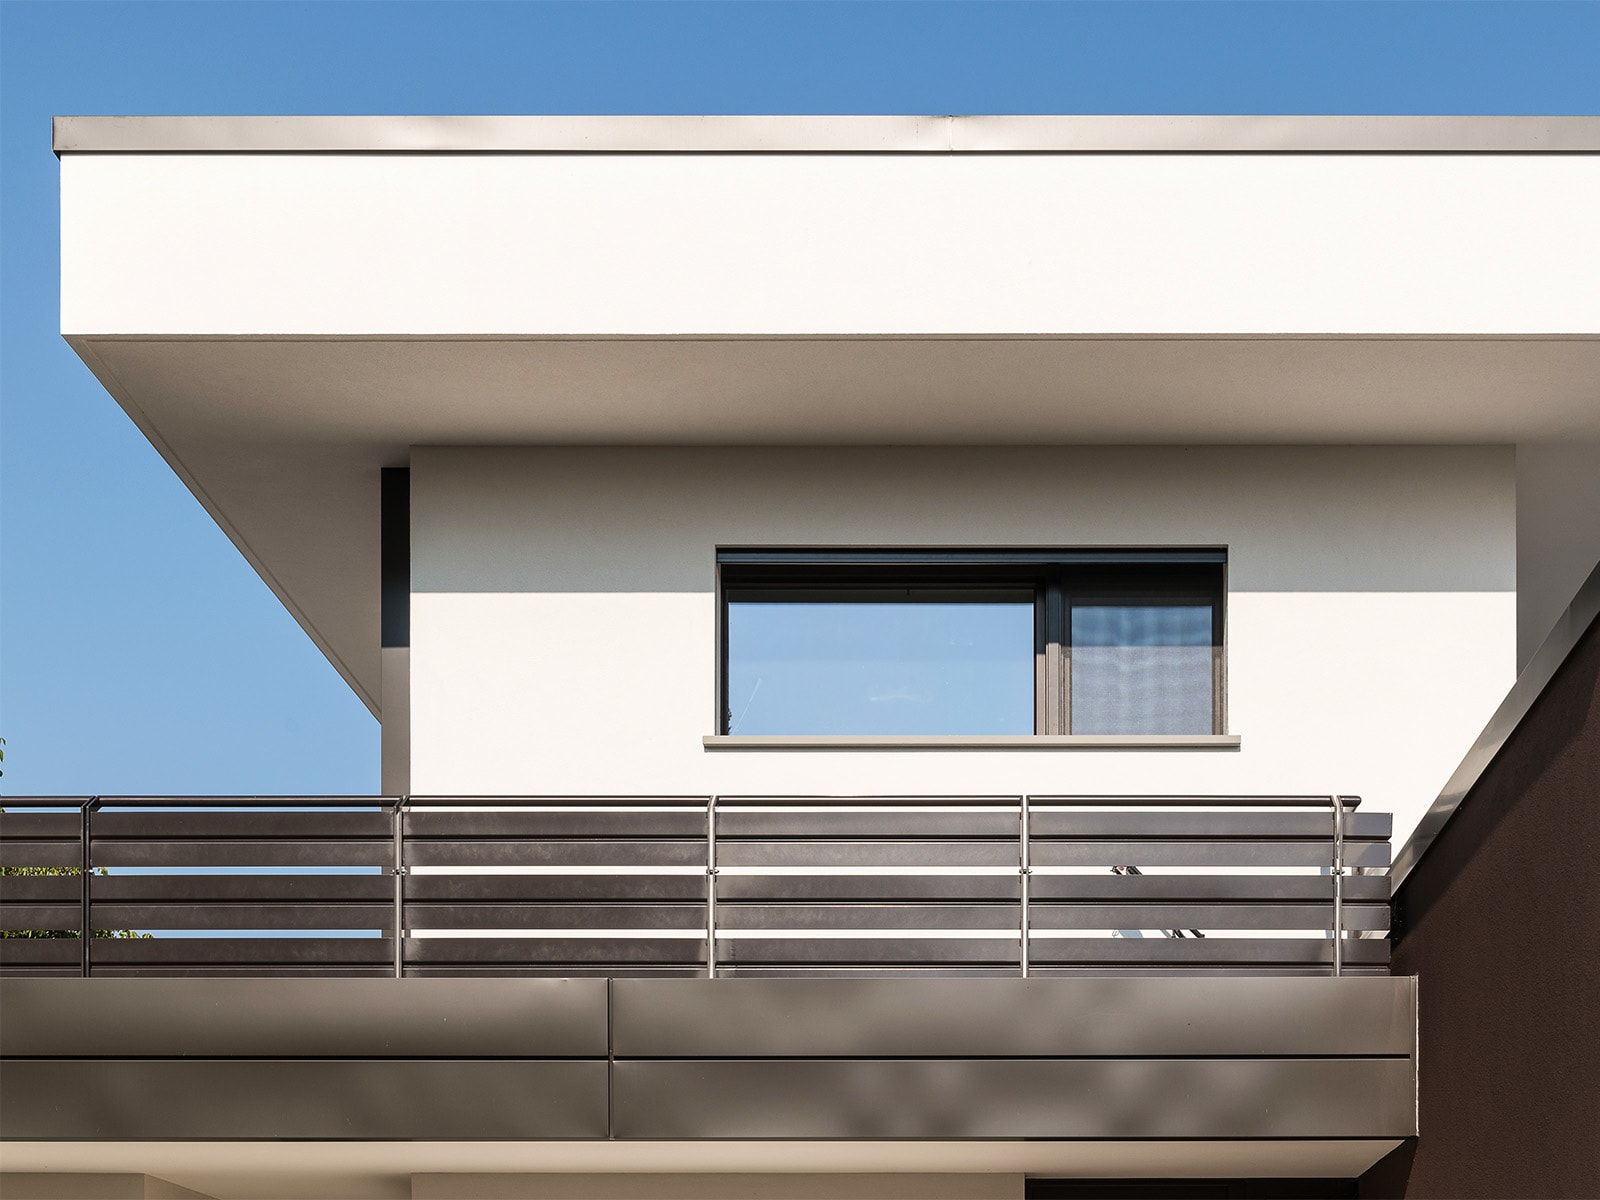 Casa singola in calcestruzzo armato con tetto piano